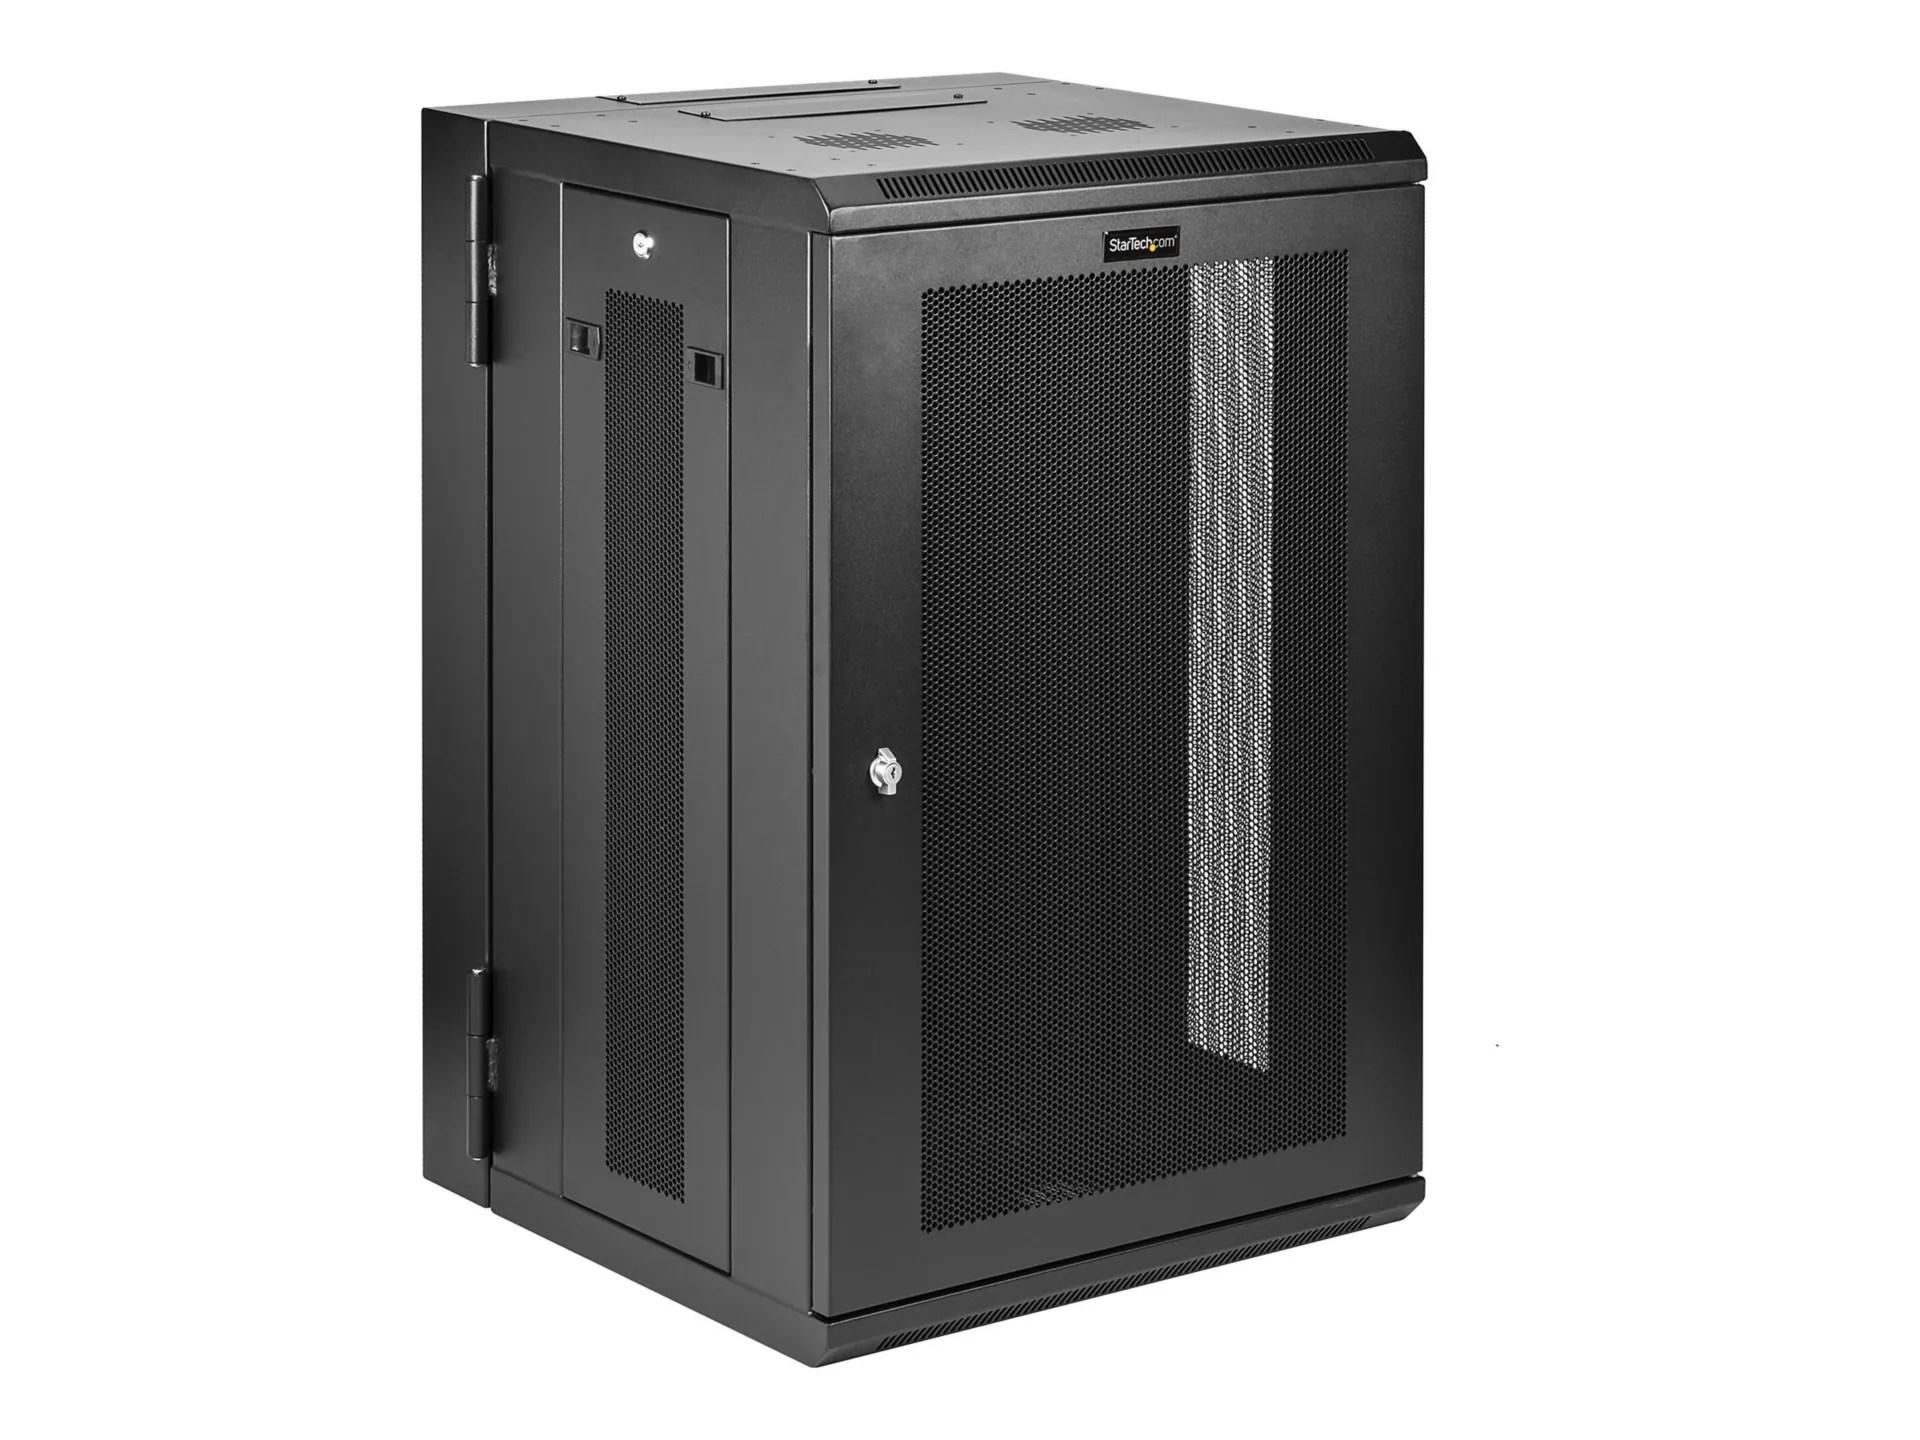 Startechcom 18u Wall Mount Server Rack Cabinet 20 In